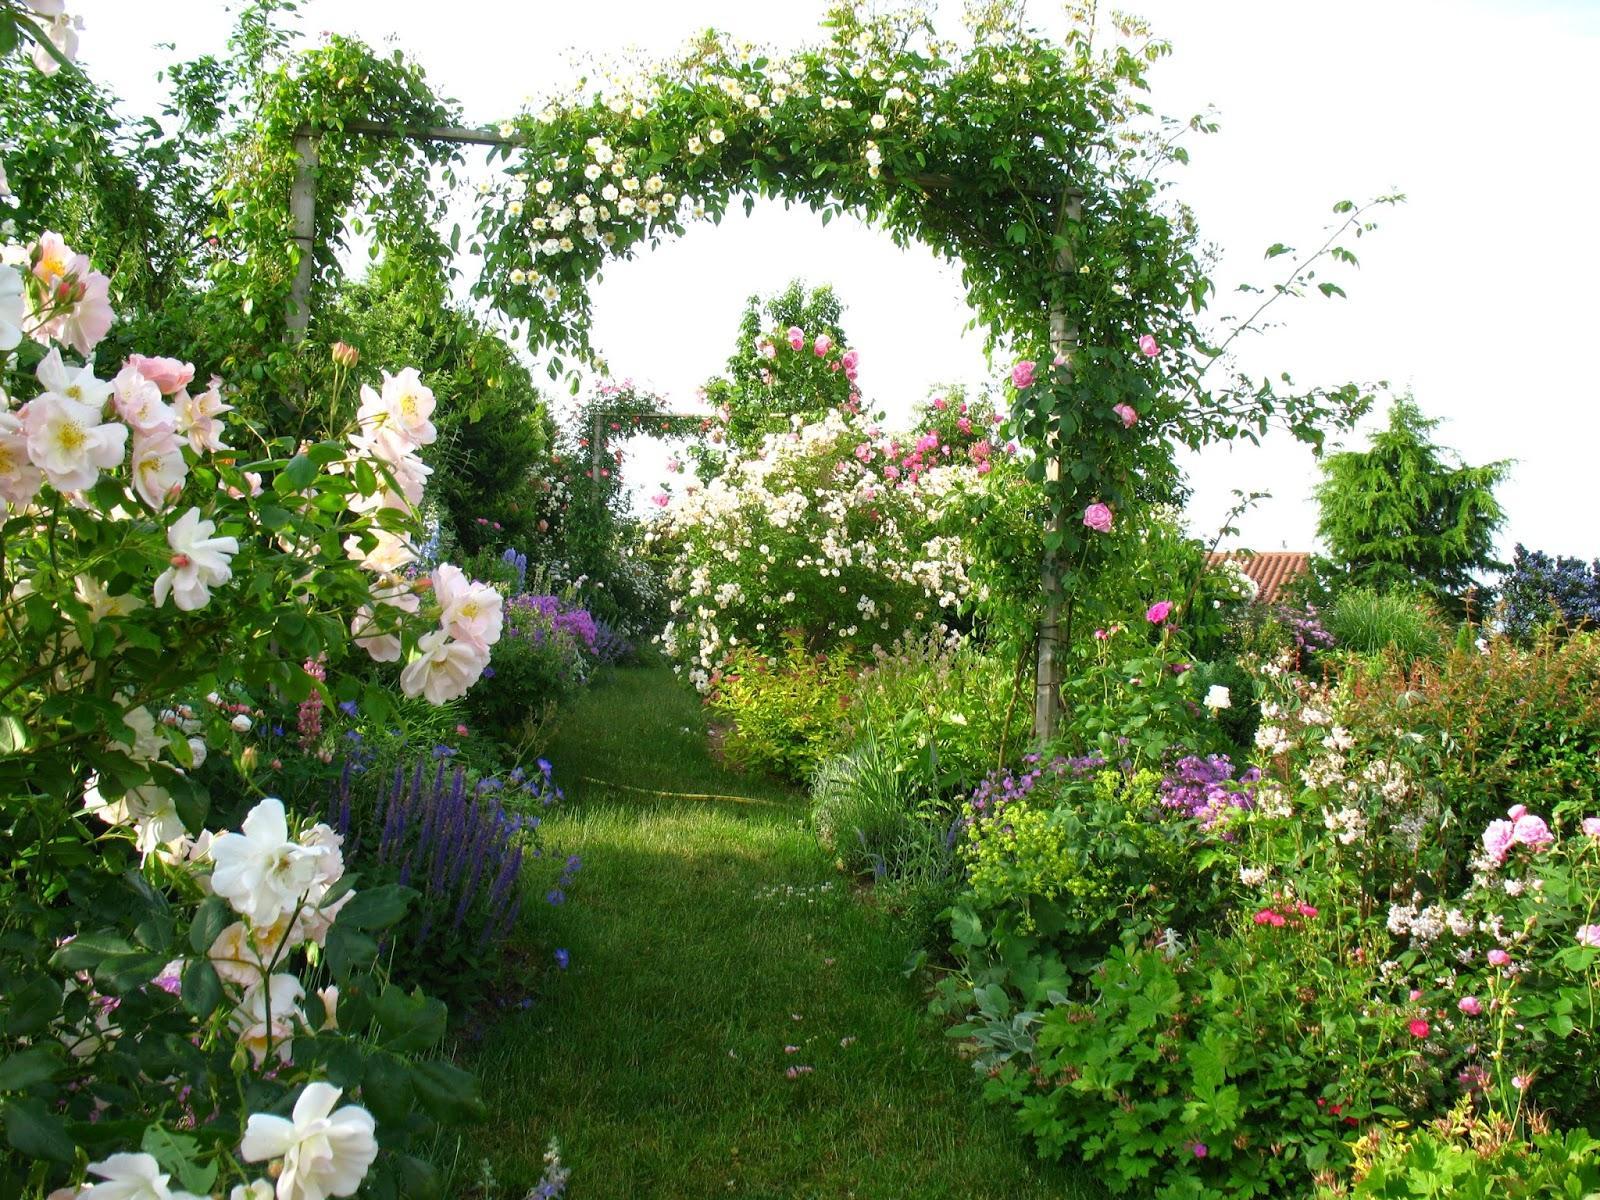 Záhrada,ktorá ťa nikdy neomrzí...divoká a krásna - Obrázok č. 113